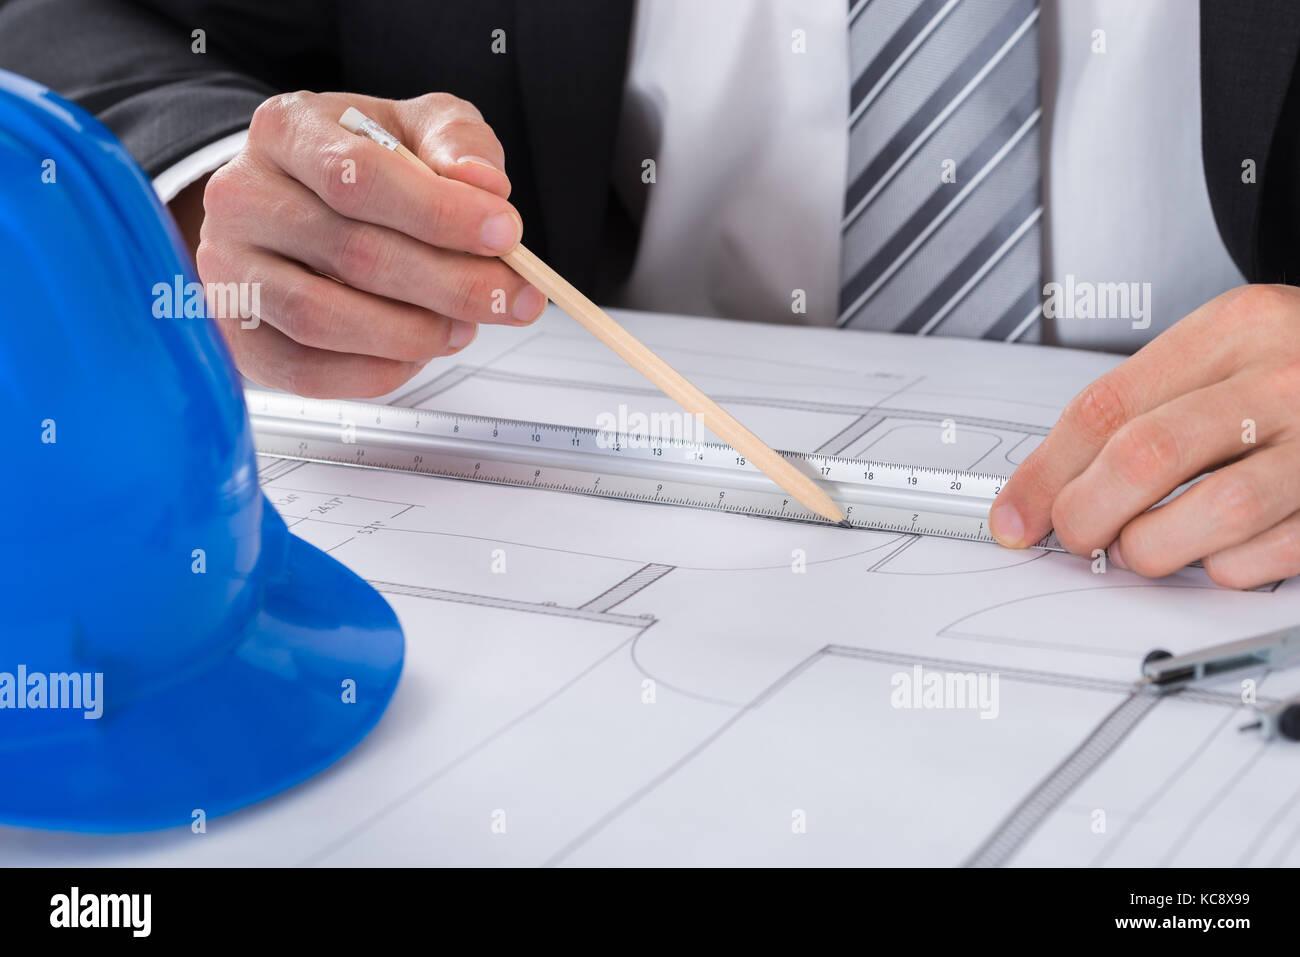 Blueprint Architectural Stockfotos & Blueprint Architectural Bilder ...